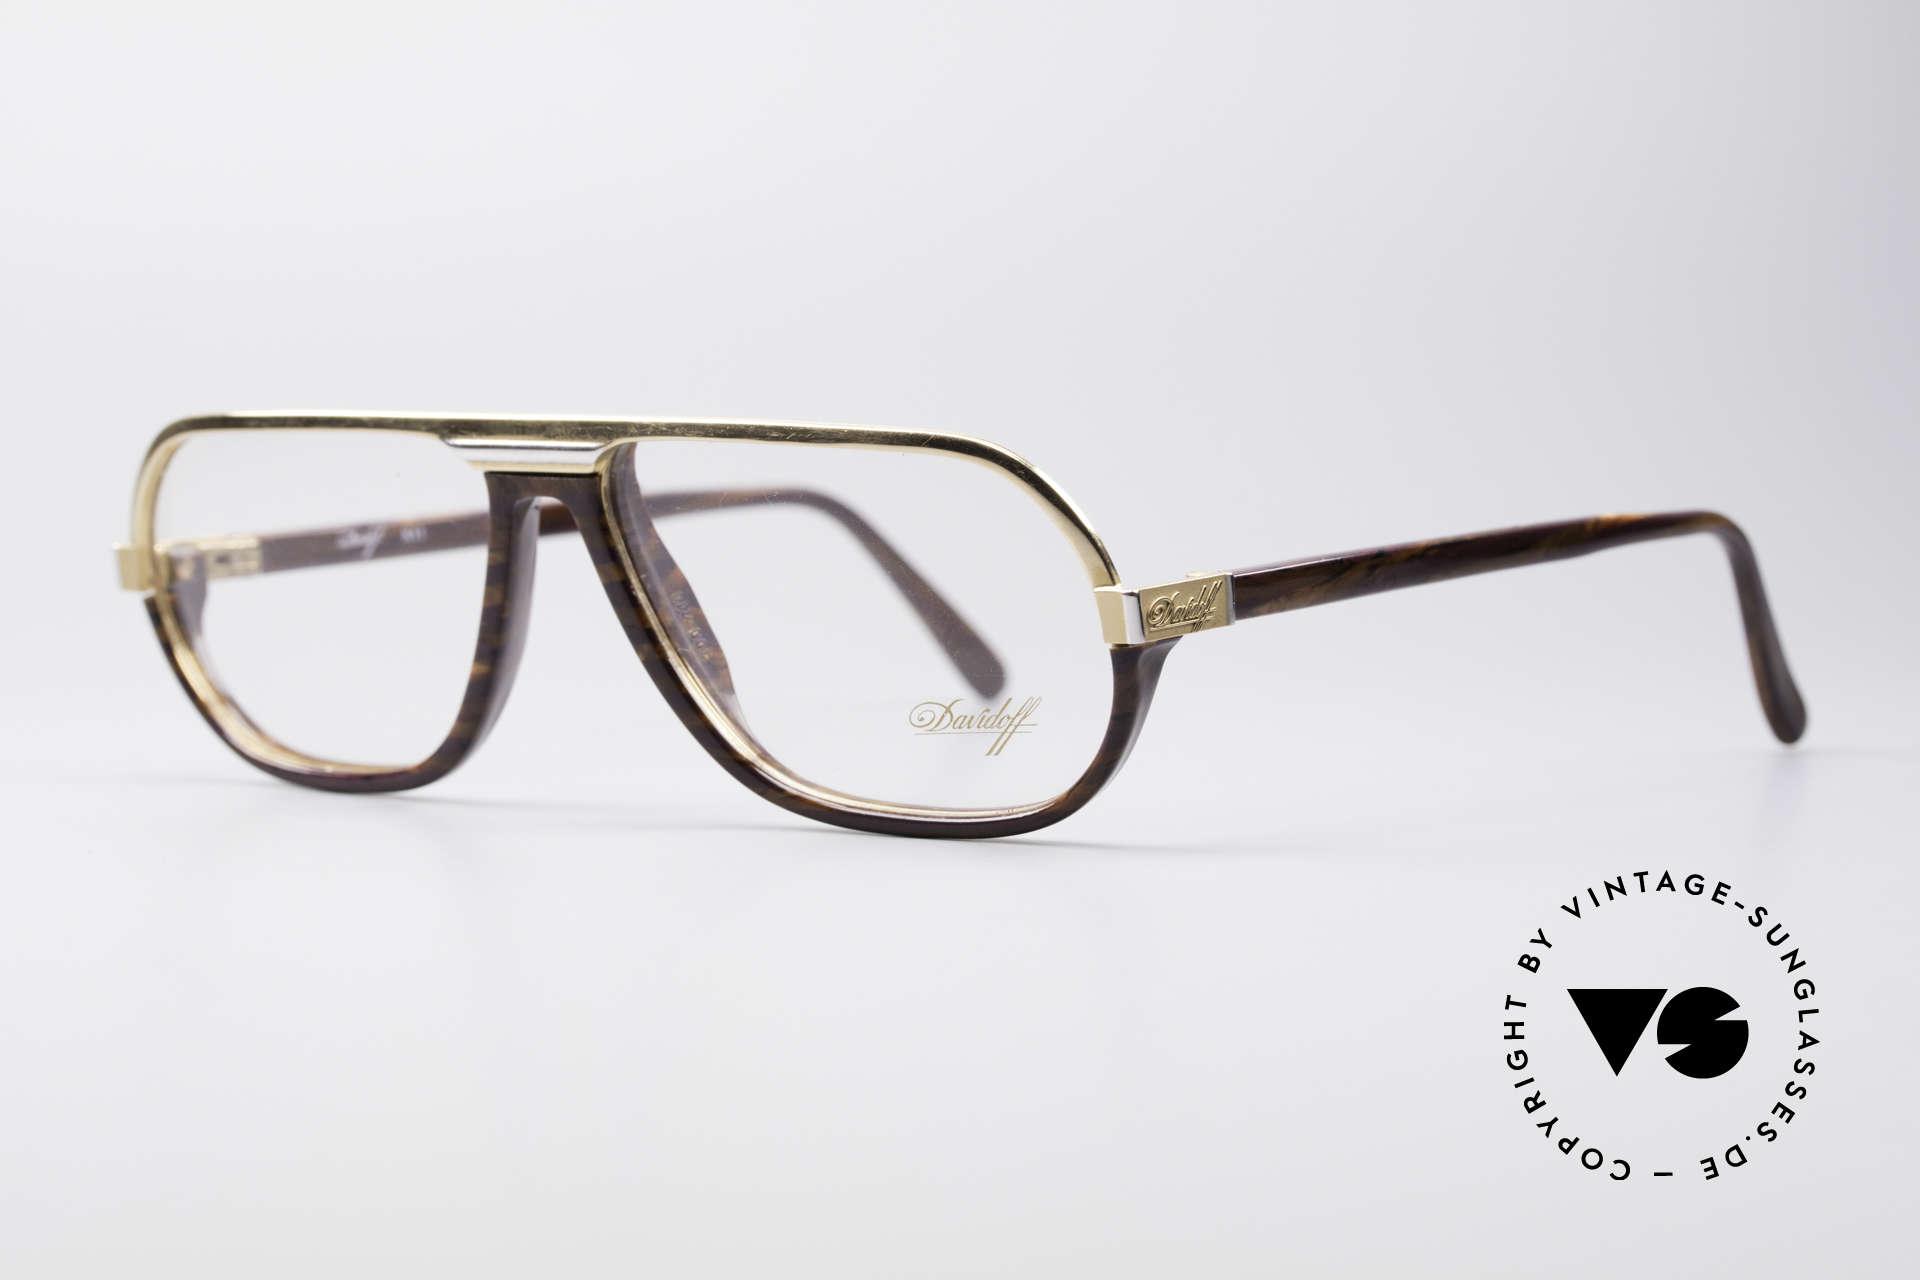 Davidoff 300 Kleine Herren Vintage Brille, goldene Fassung & Design-Elemente in Wurzelholz-Optik, Passend für Herren